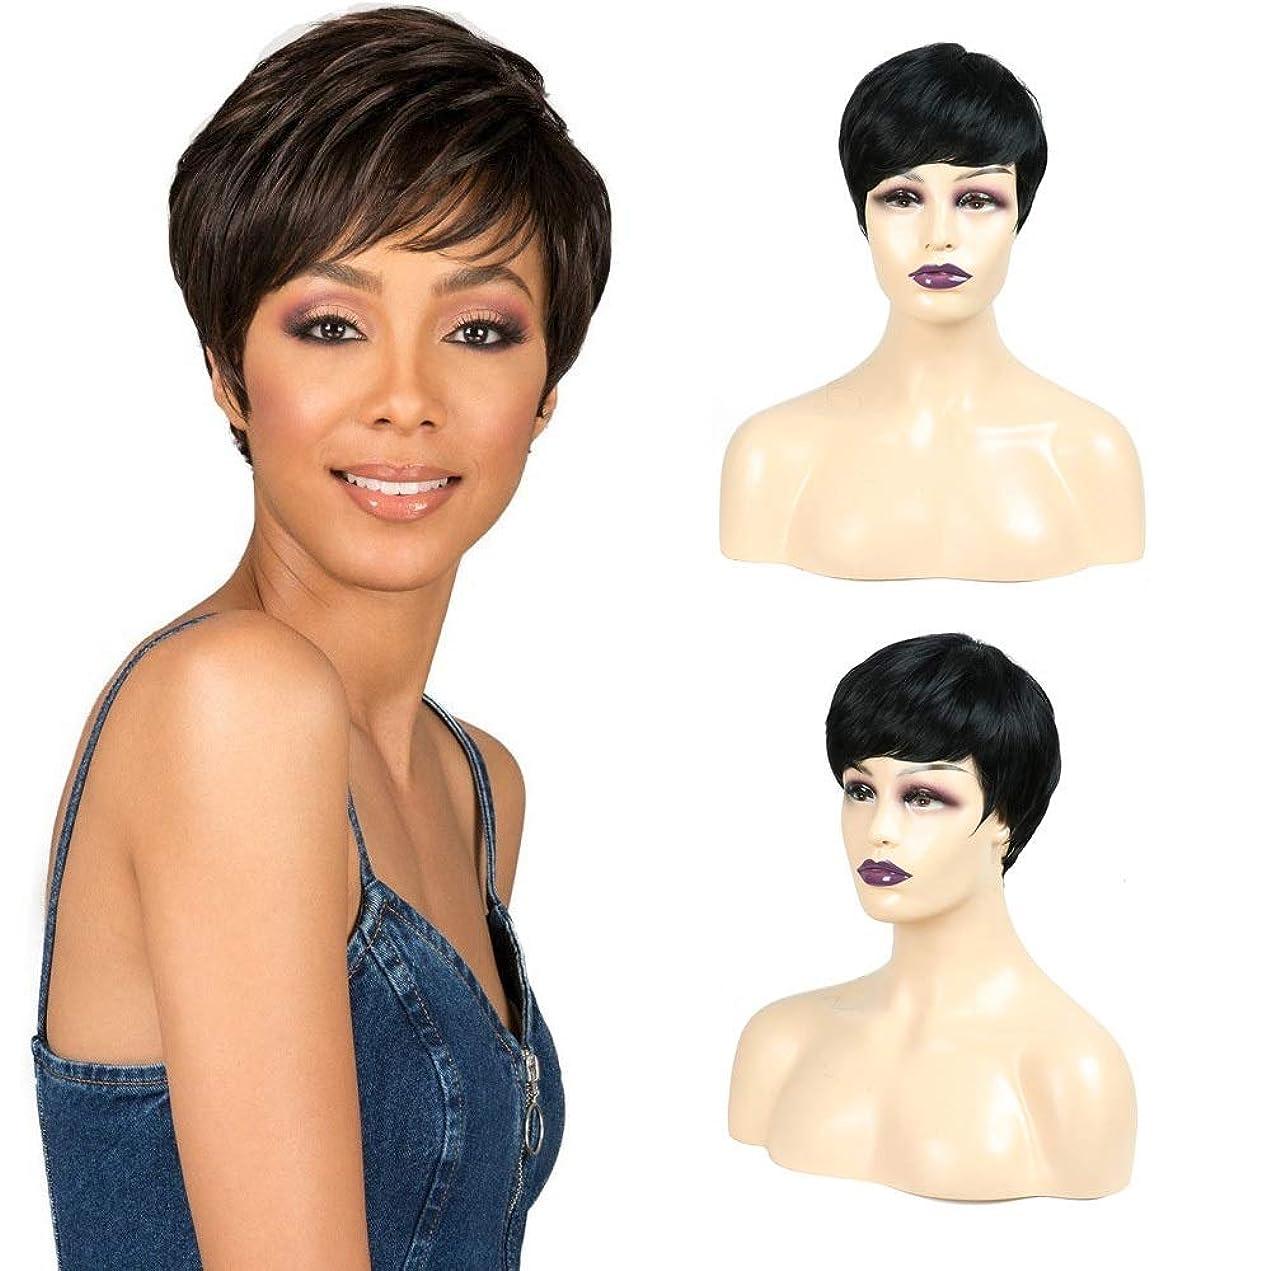 合わせて騒ウッズBOBIDYEE レディースショートストレートブラック人工毛ウィッグで上品なボブスタイルサイドパート髪の毎日の服装のかつら (Color : ブラック)